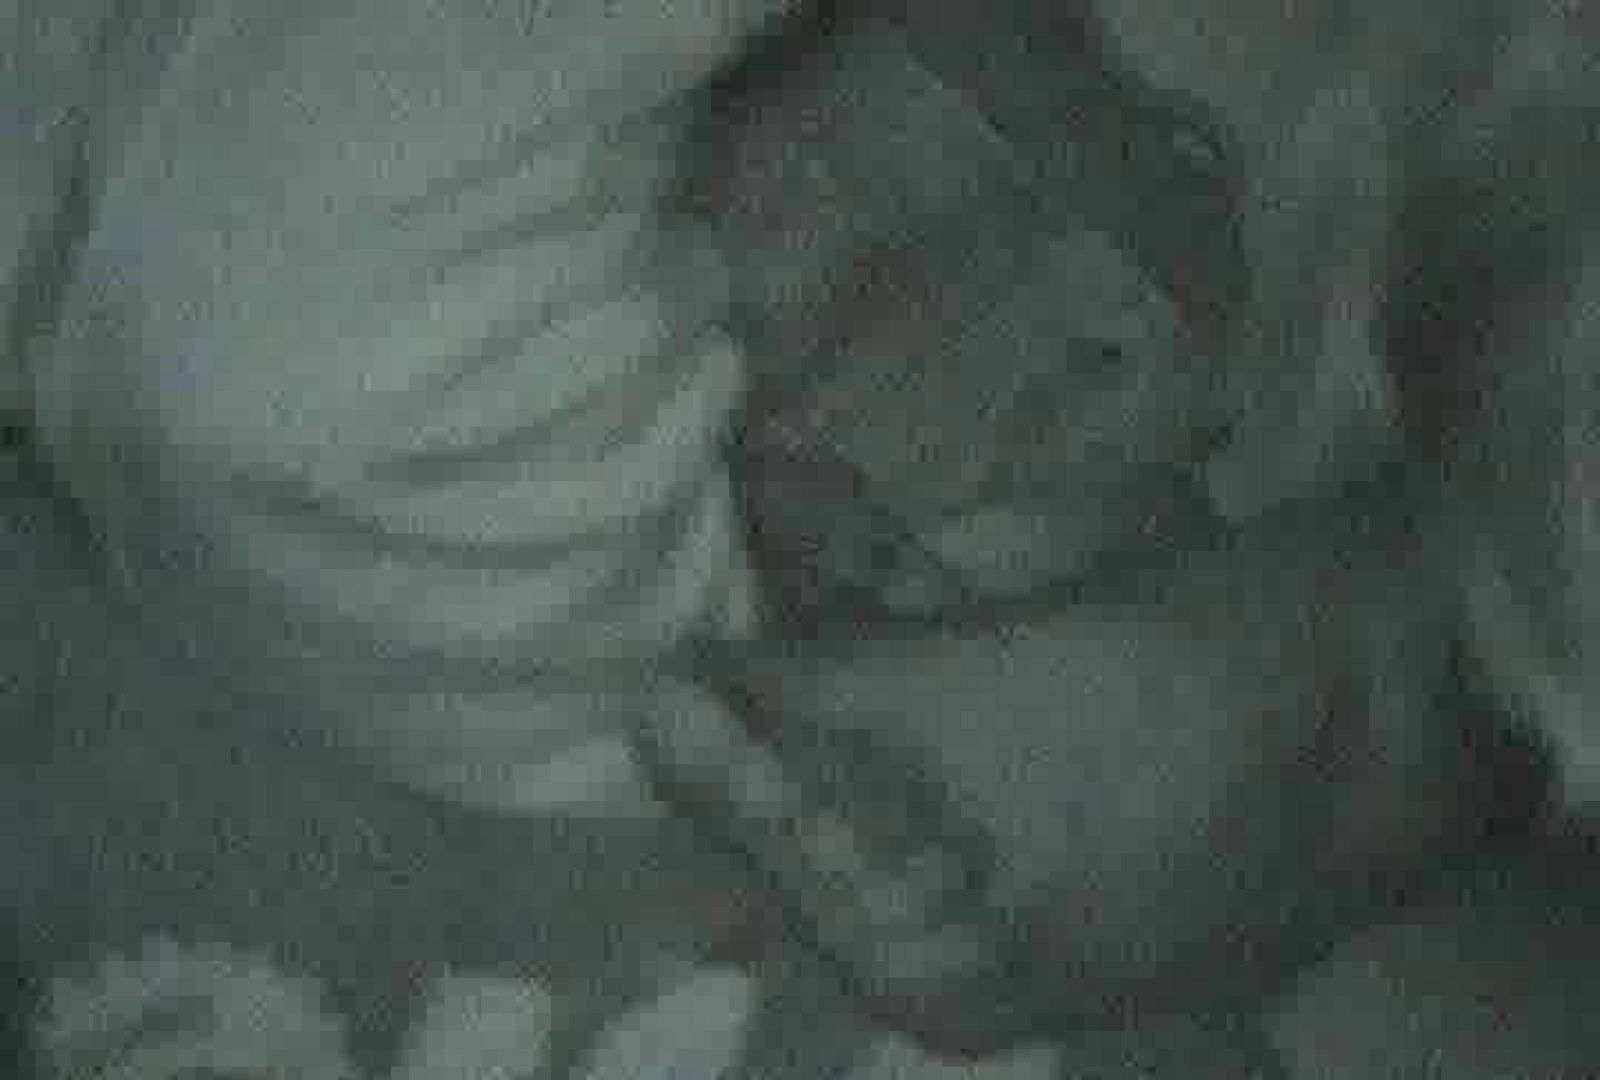 充血監督の深夜の運動会Vol.111 小悪魔ギャル オマンコ無修正動画無料 82連発 30